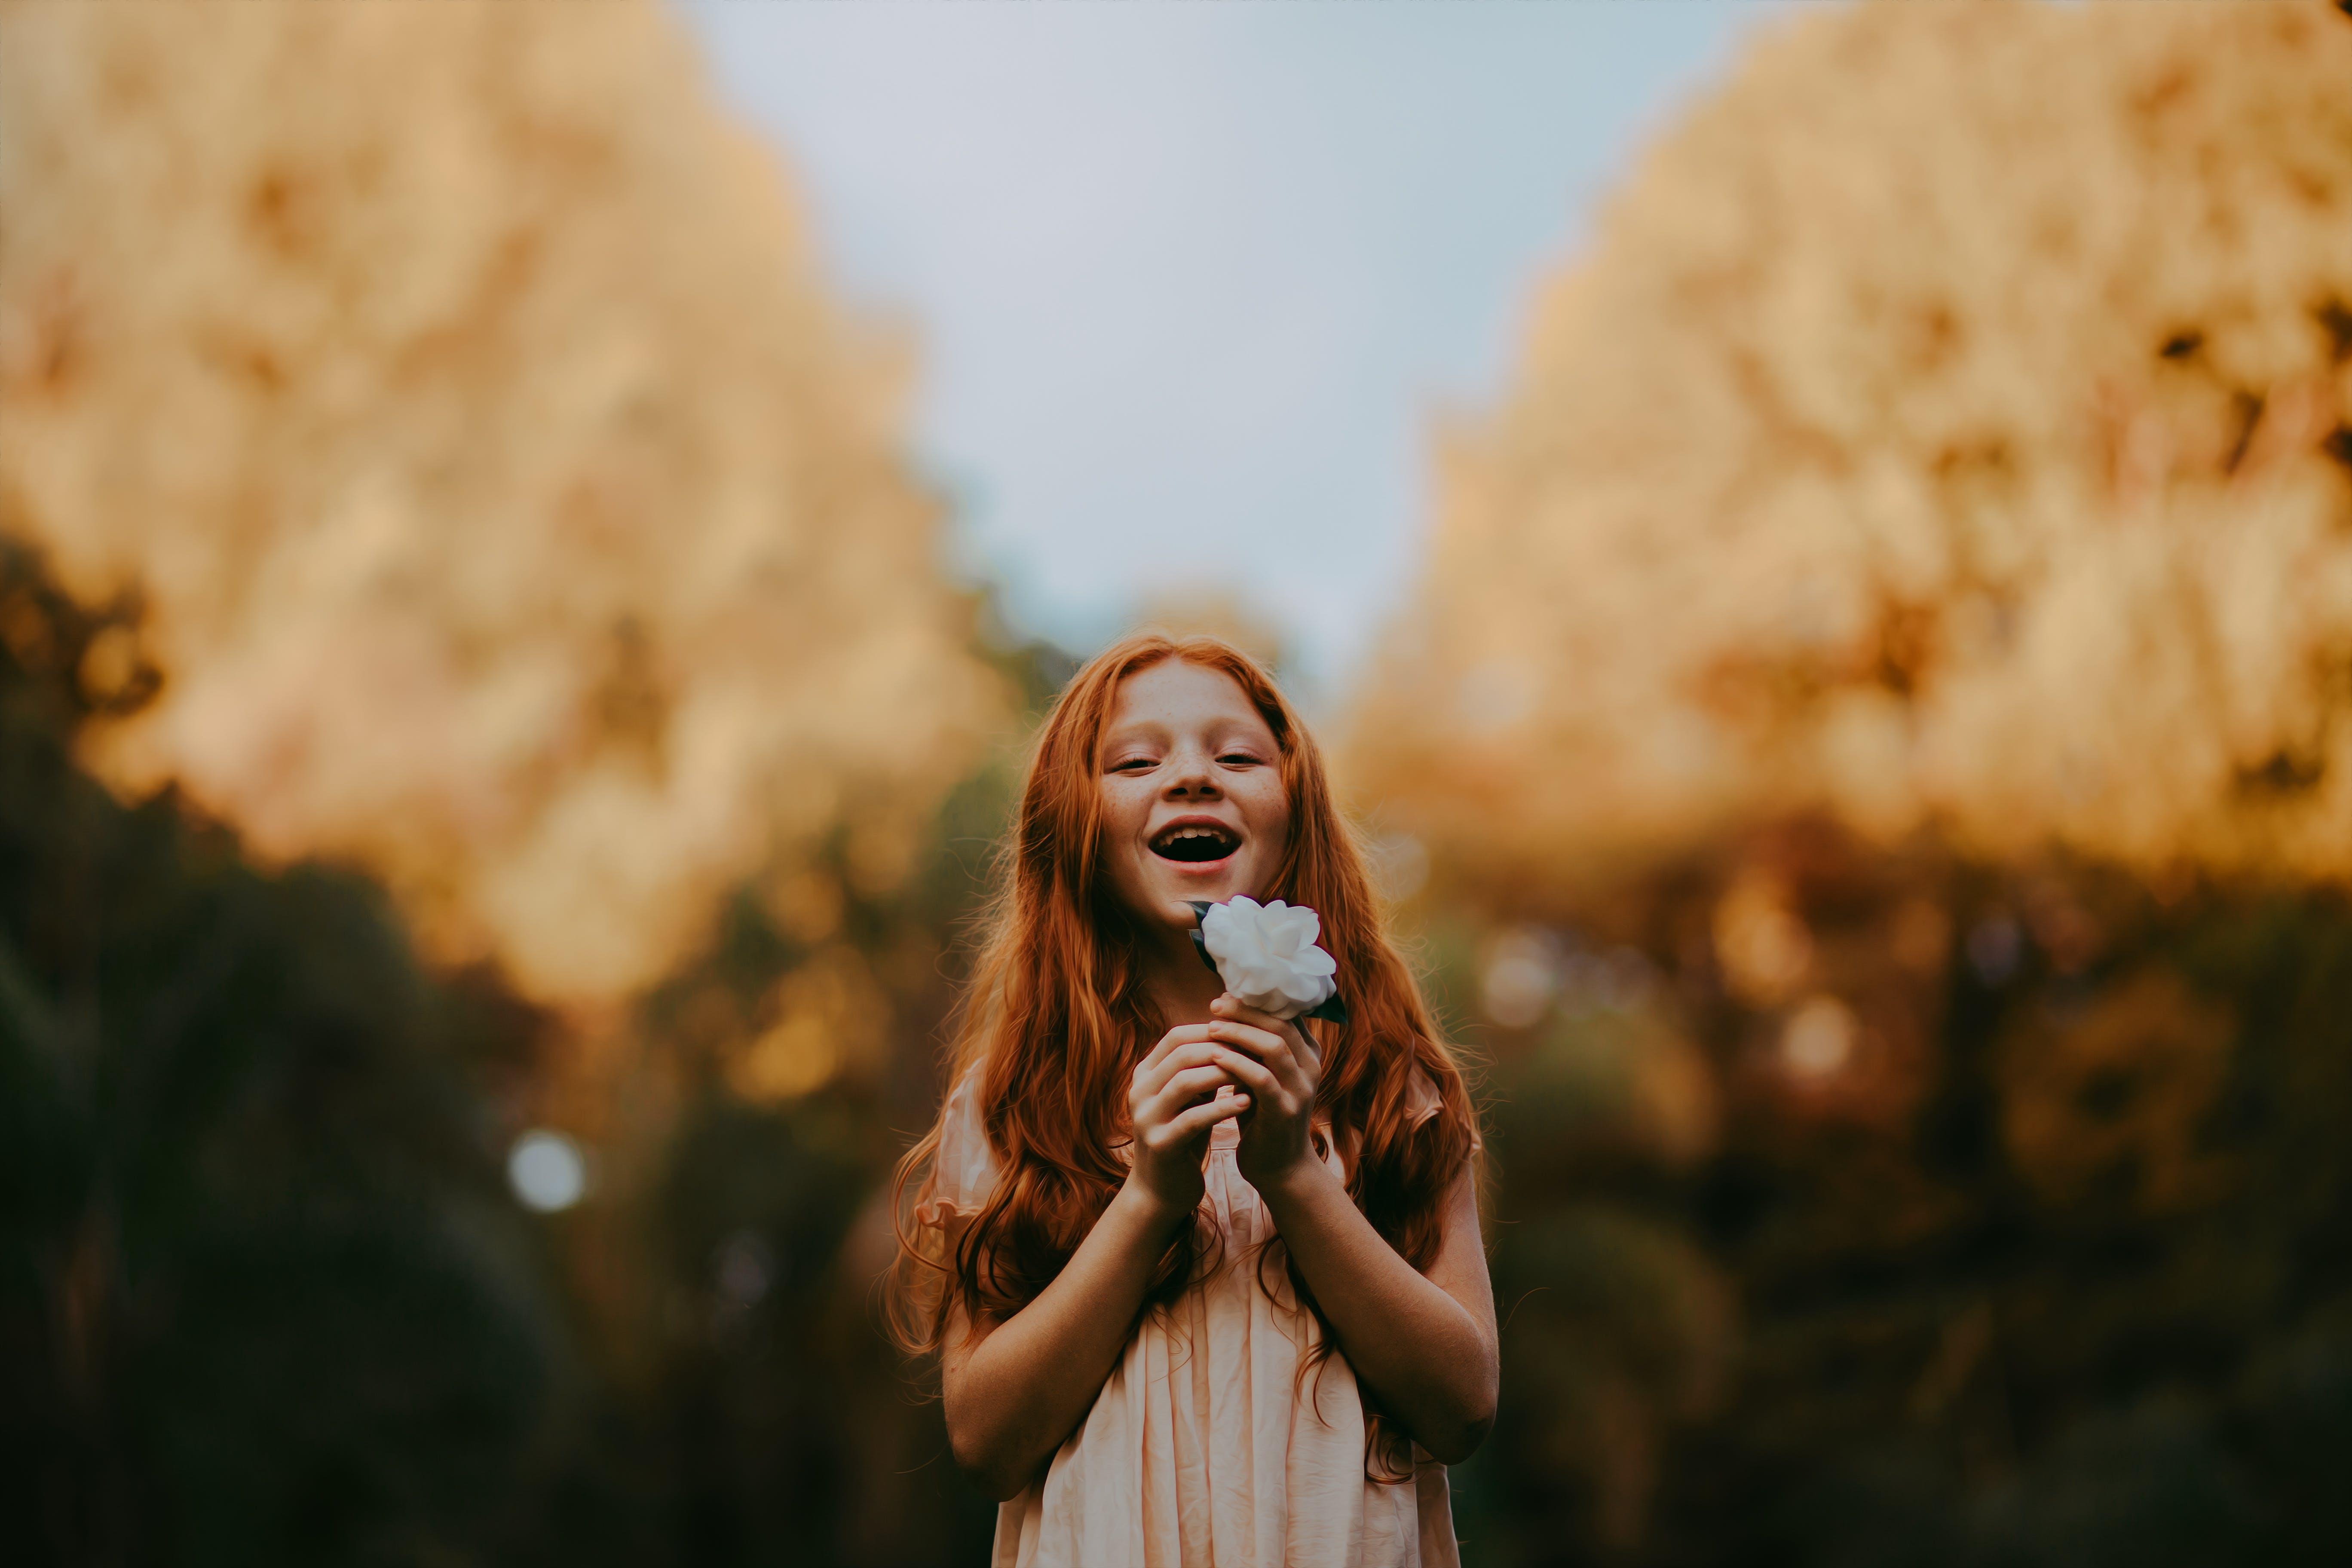 Girl Holding White Flower